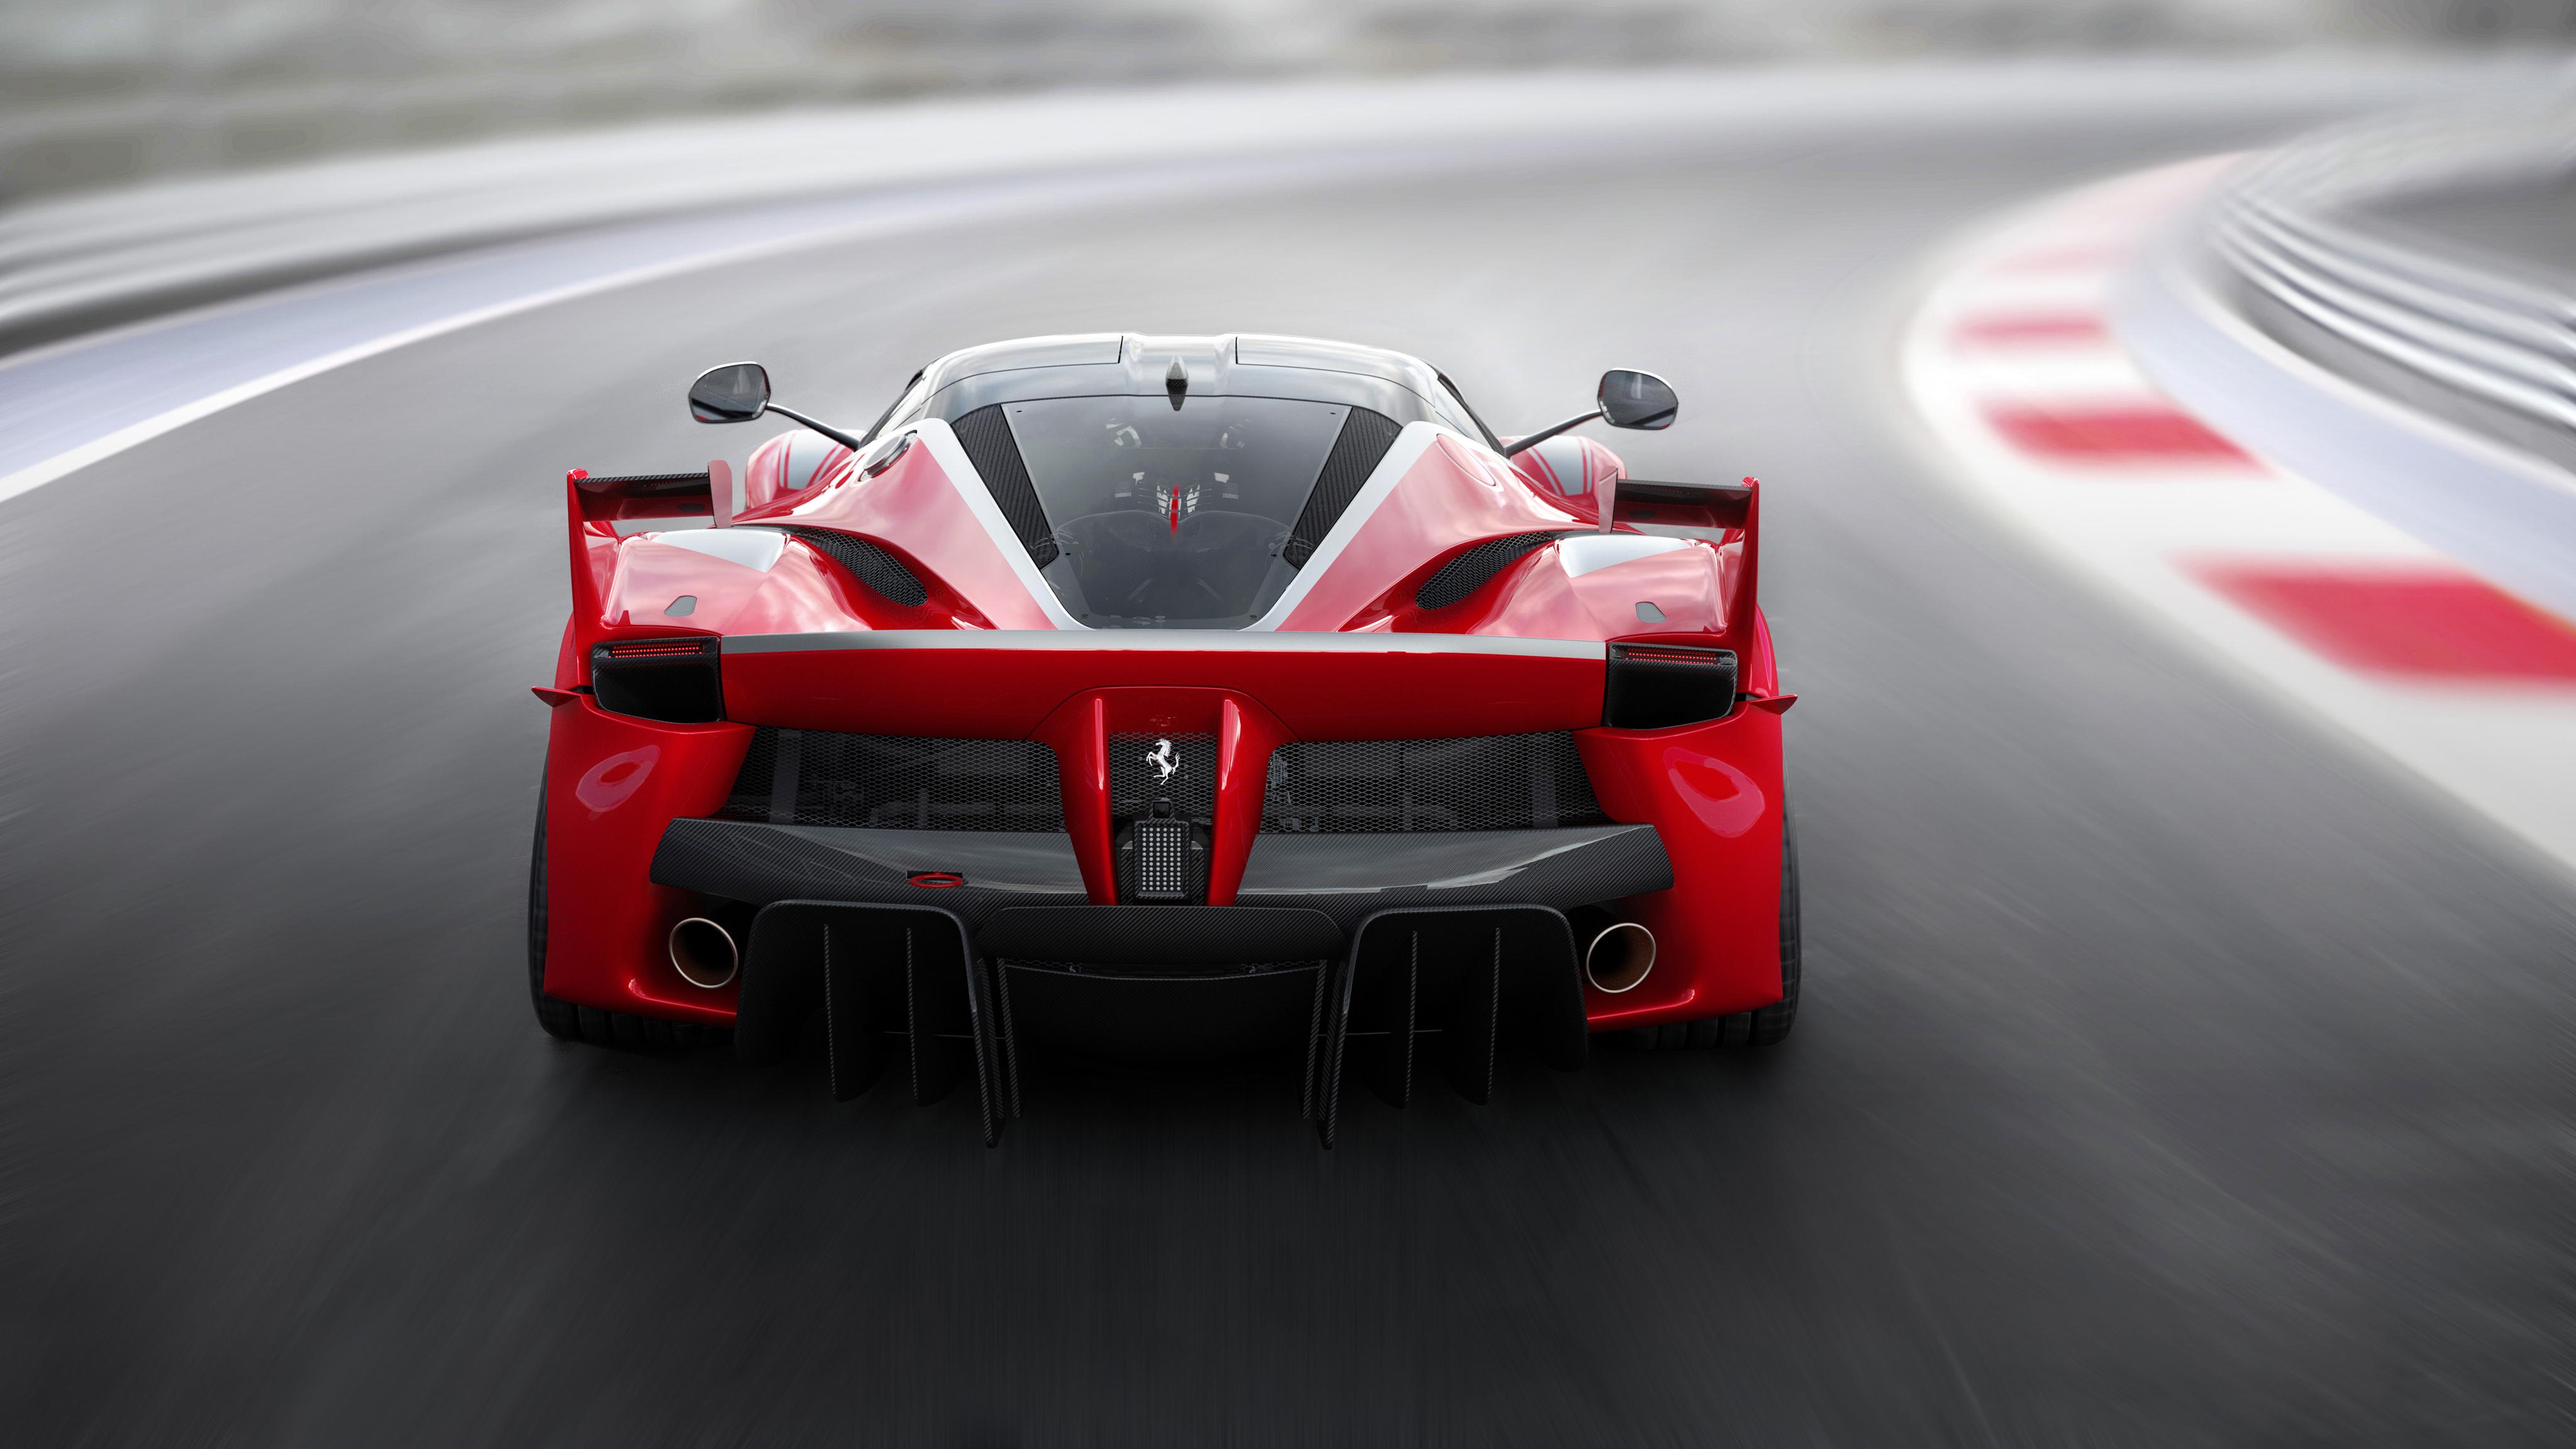 Pictures Of Ferrari FXX K